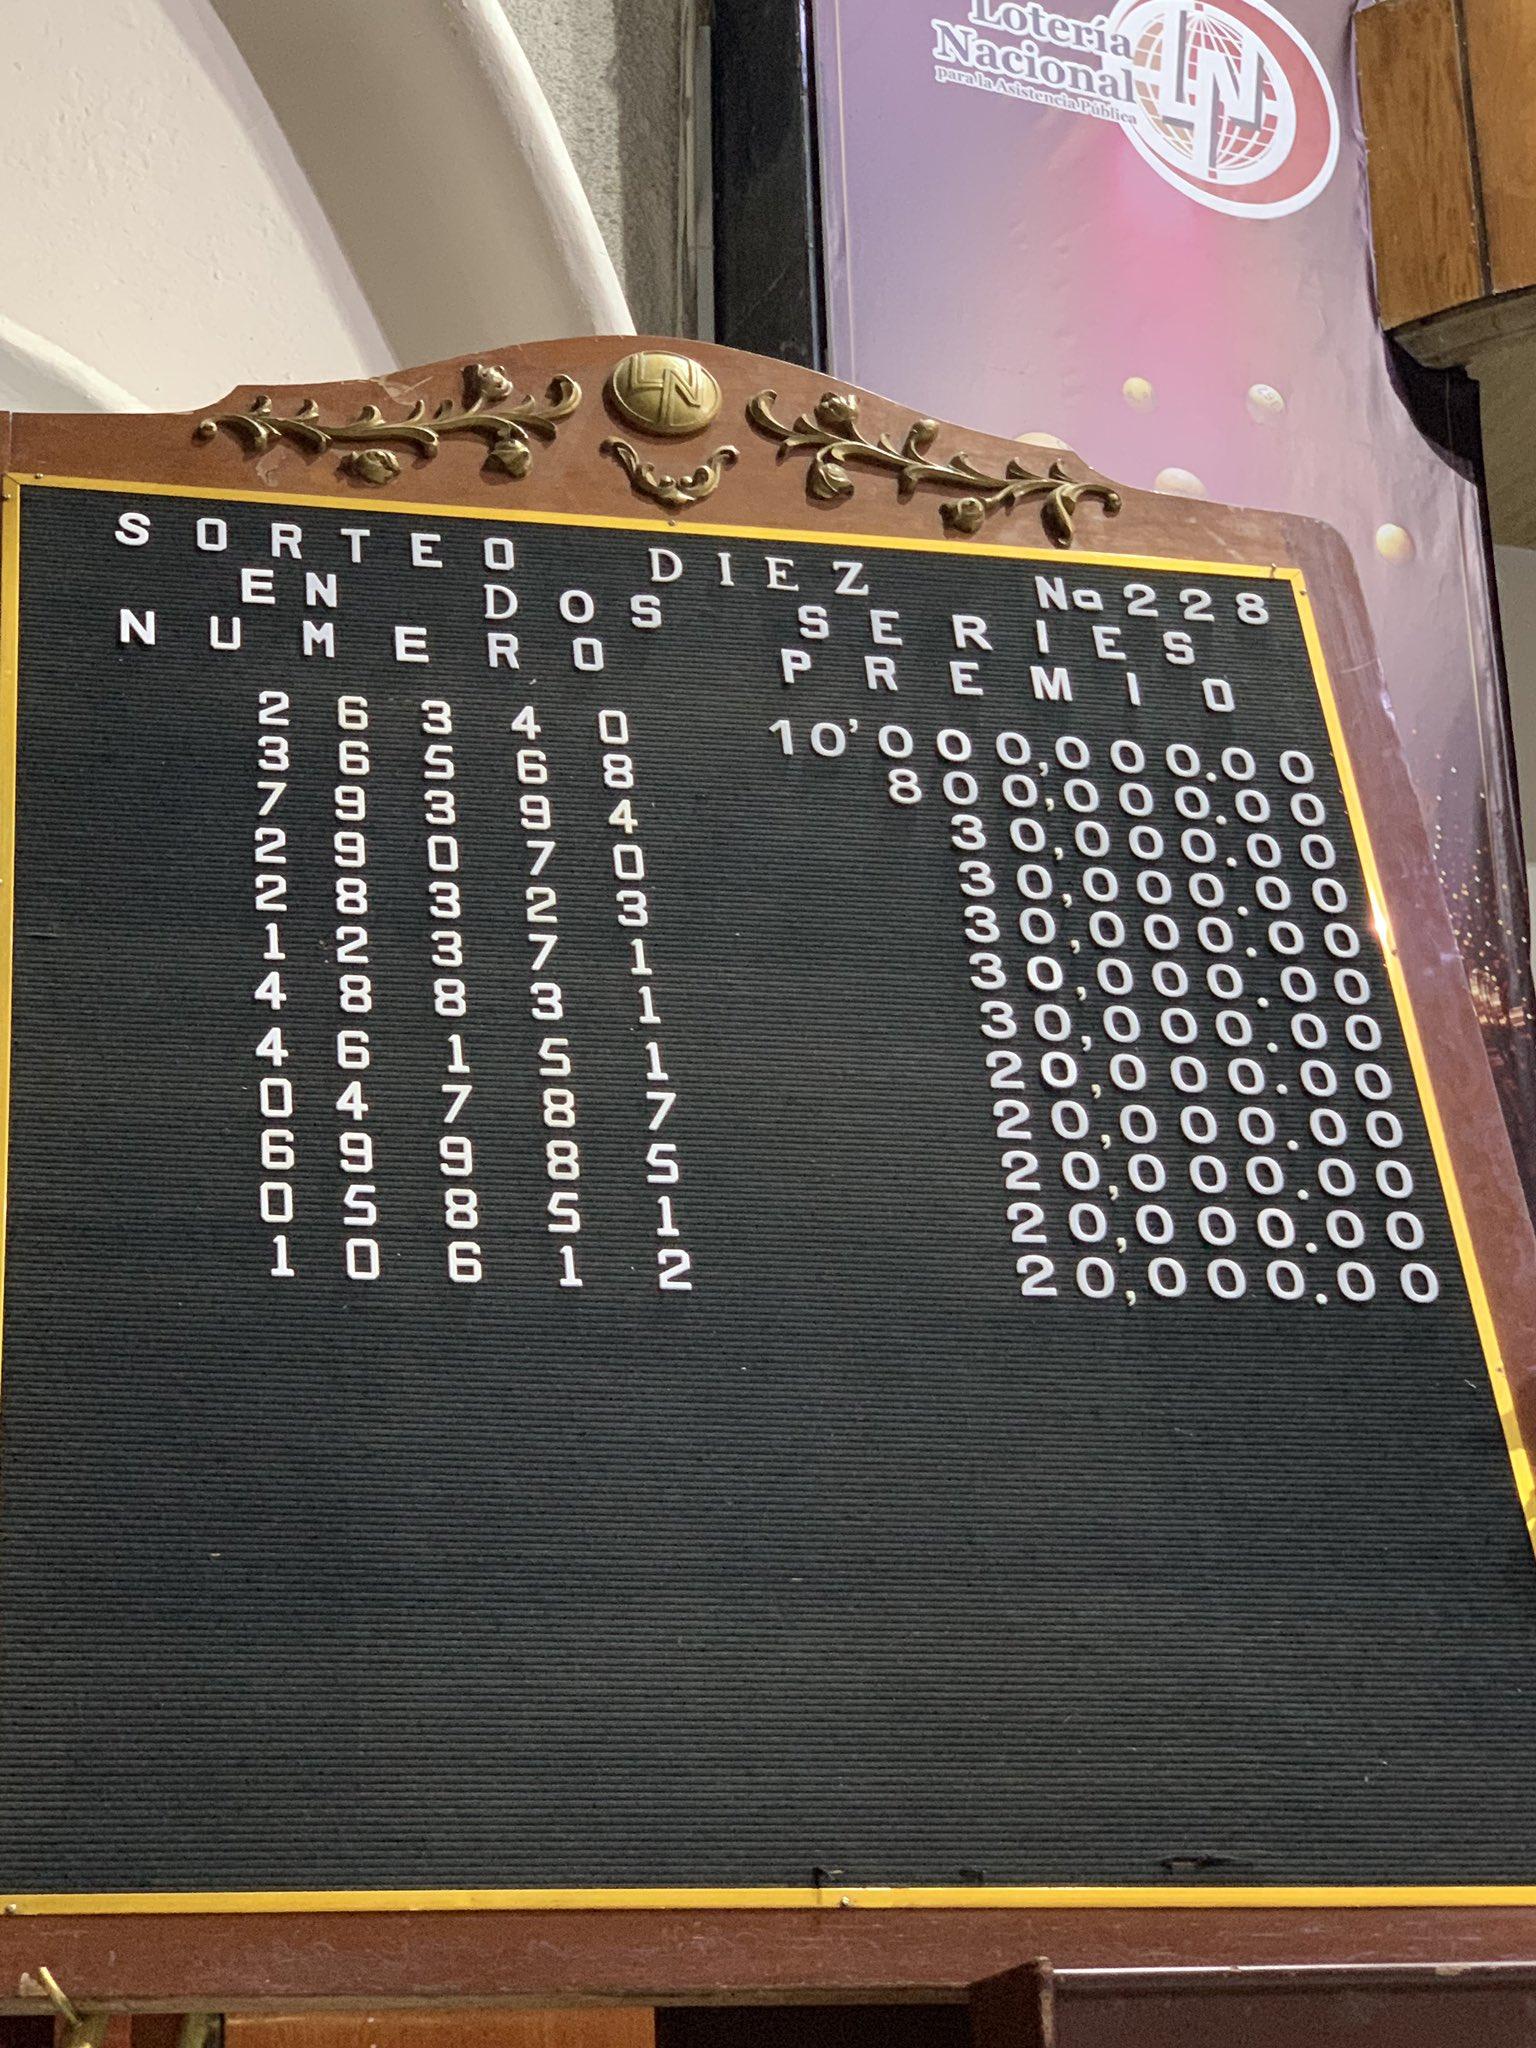 Resultados sorteo diez 228